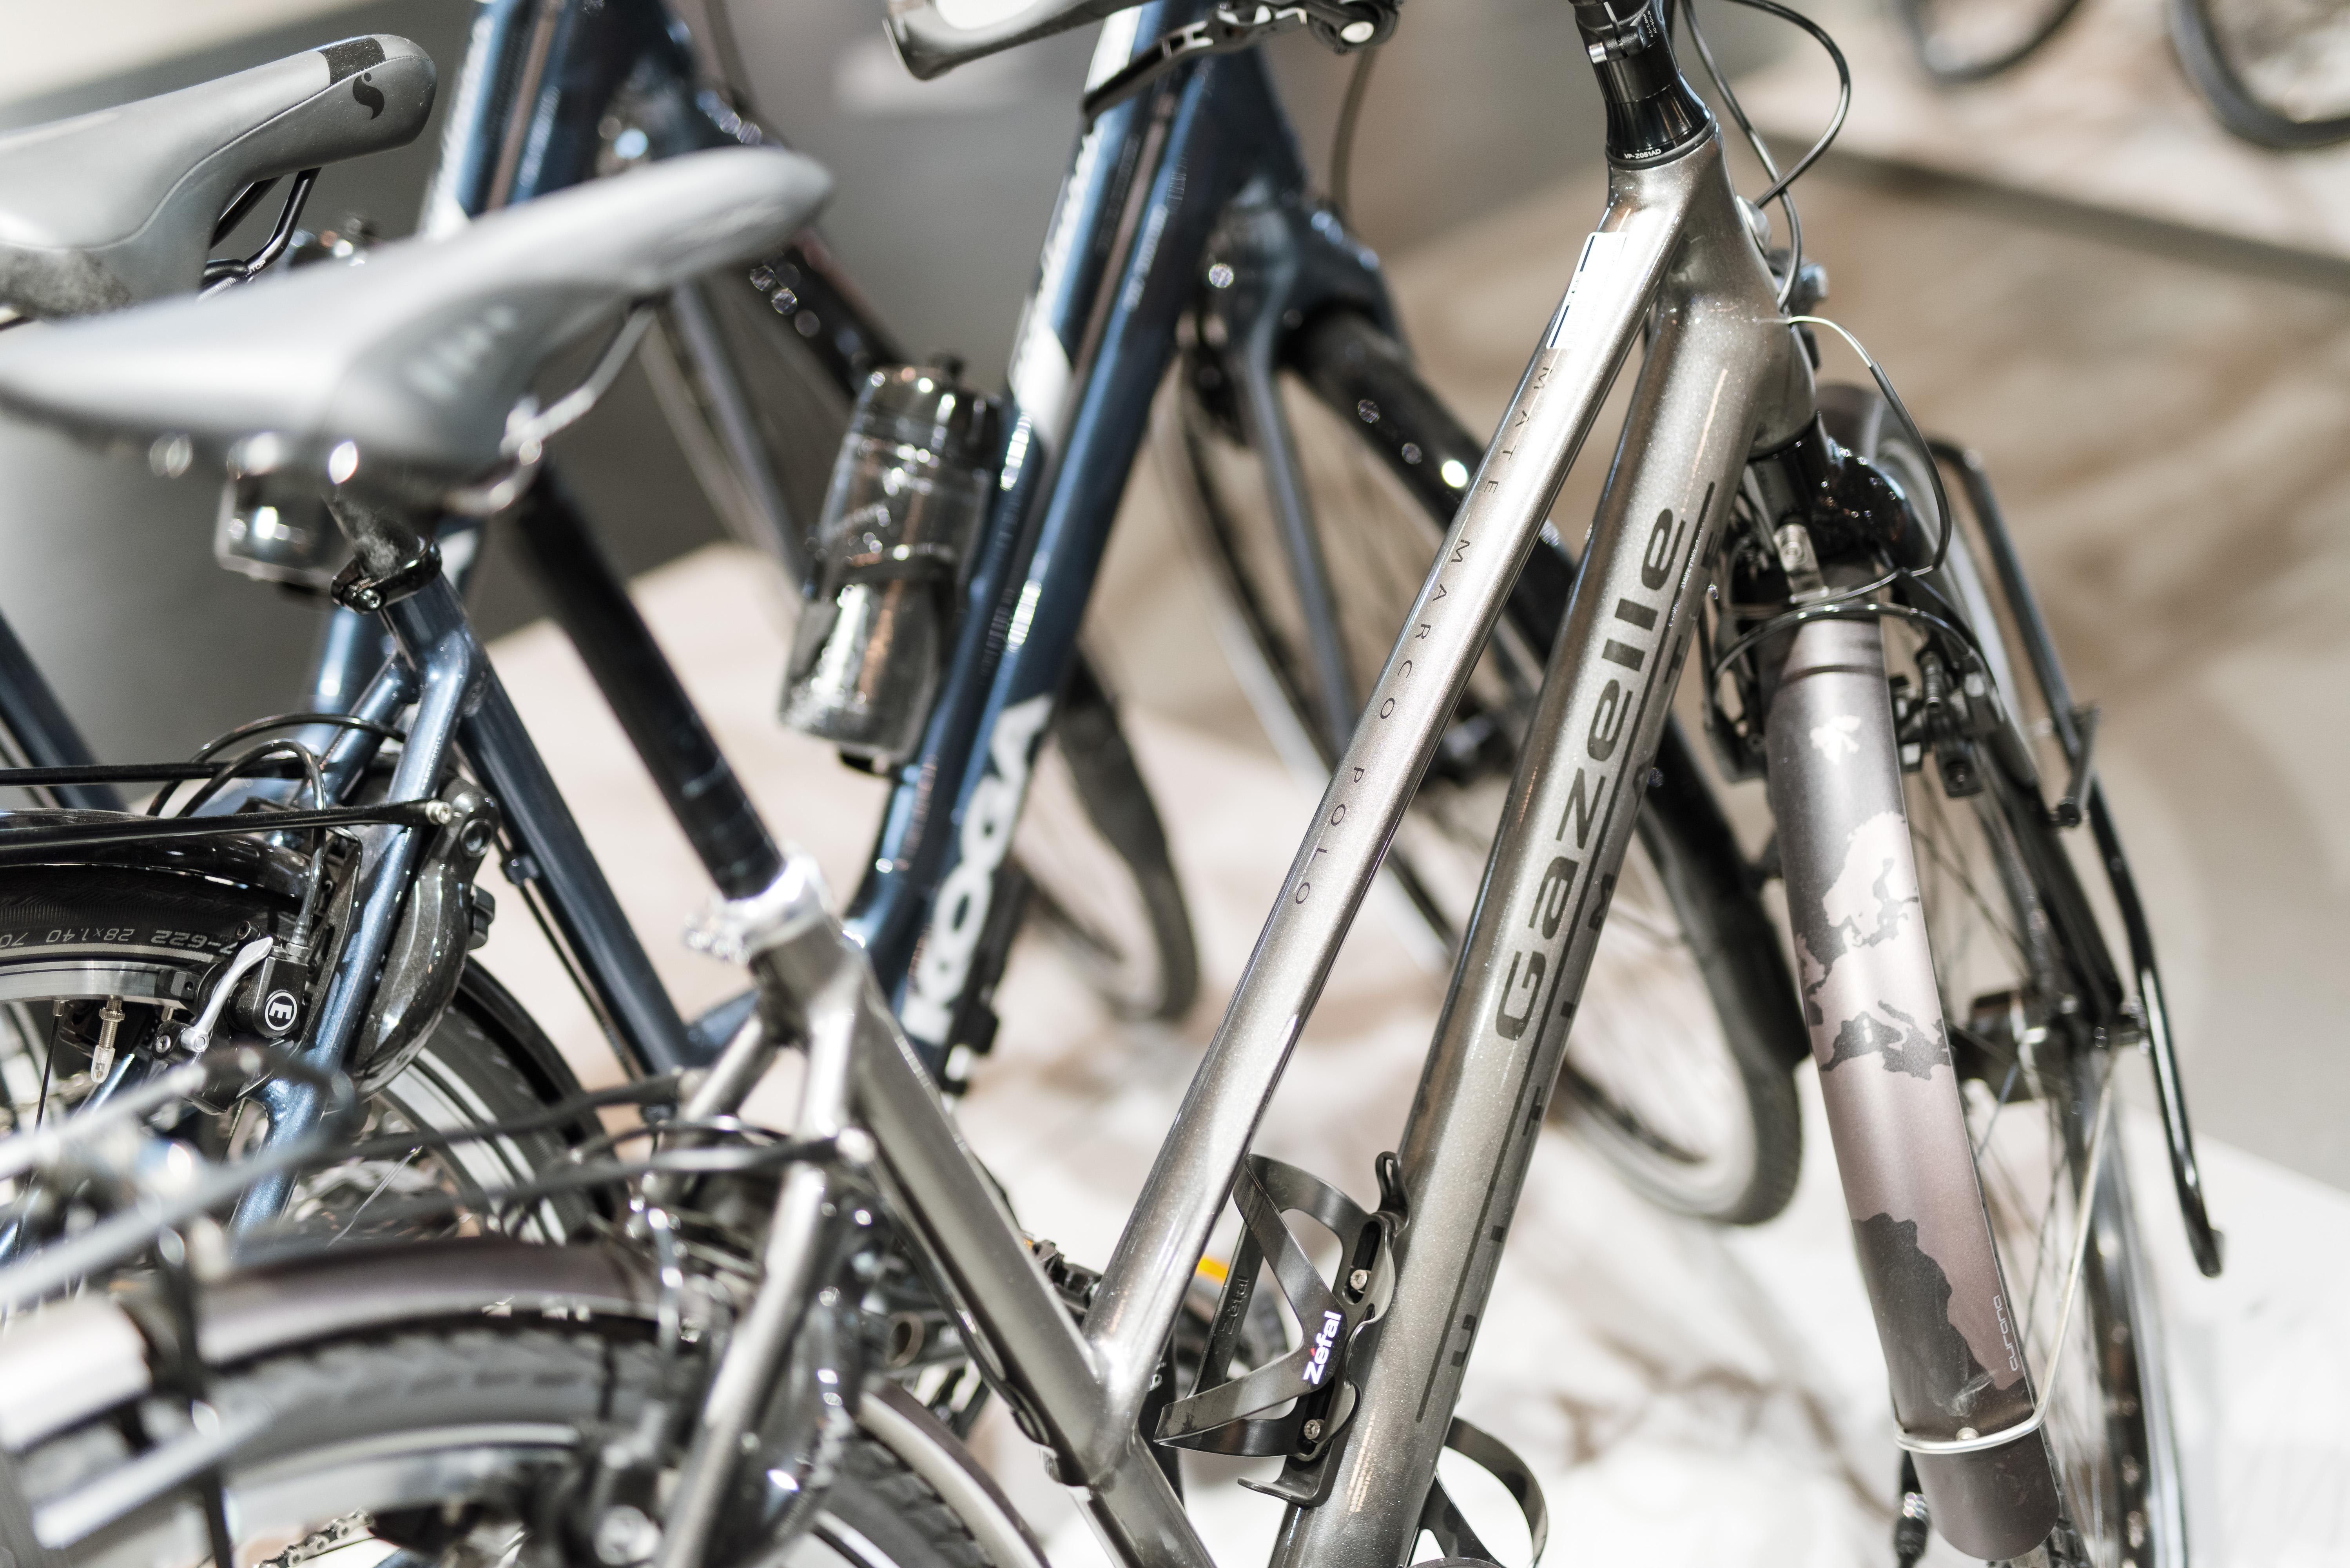 stadsfietsen kopen bij 12GO Biking